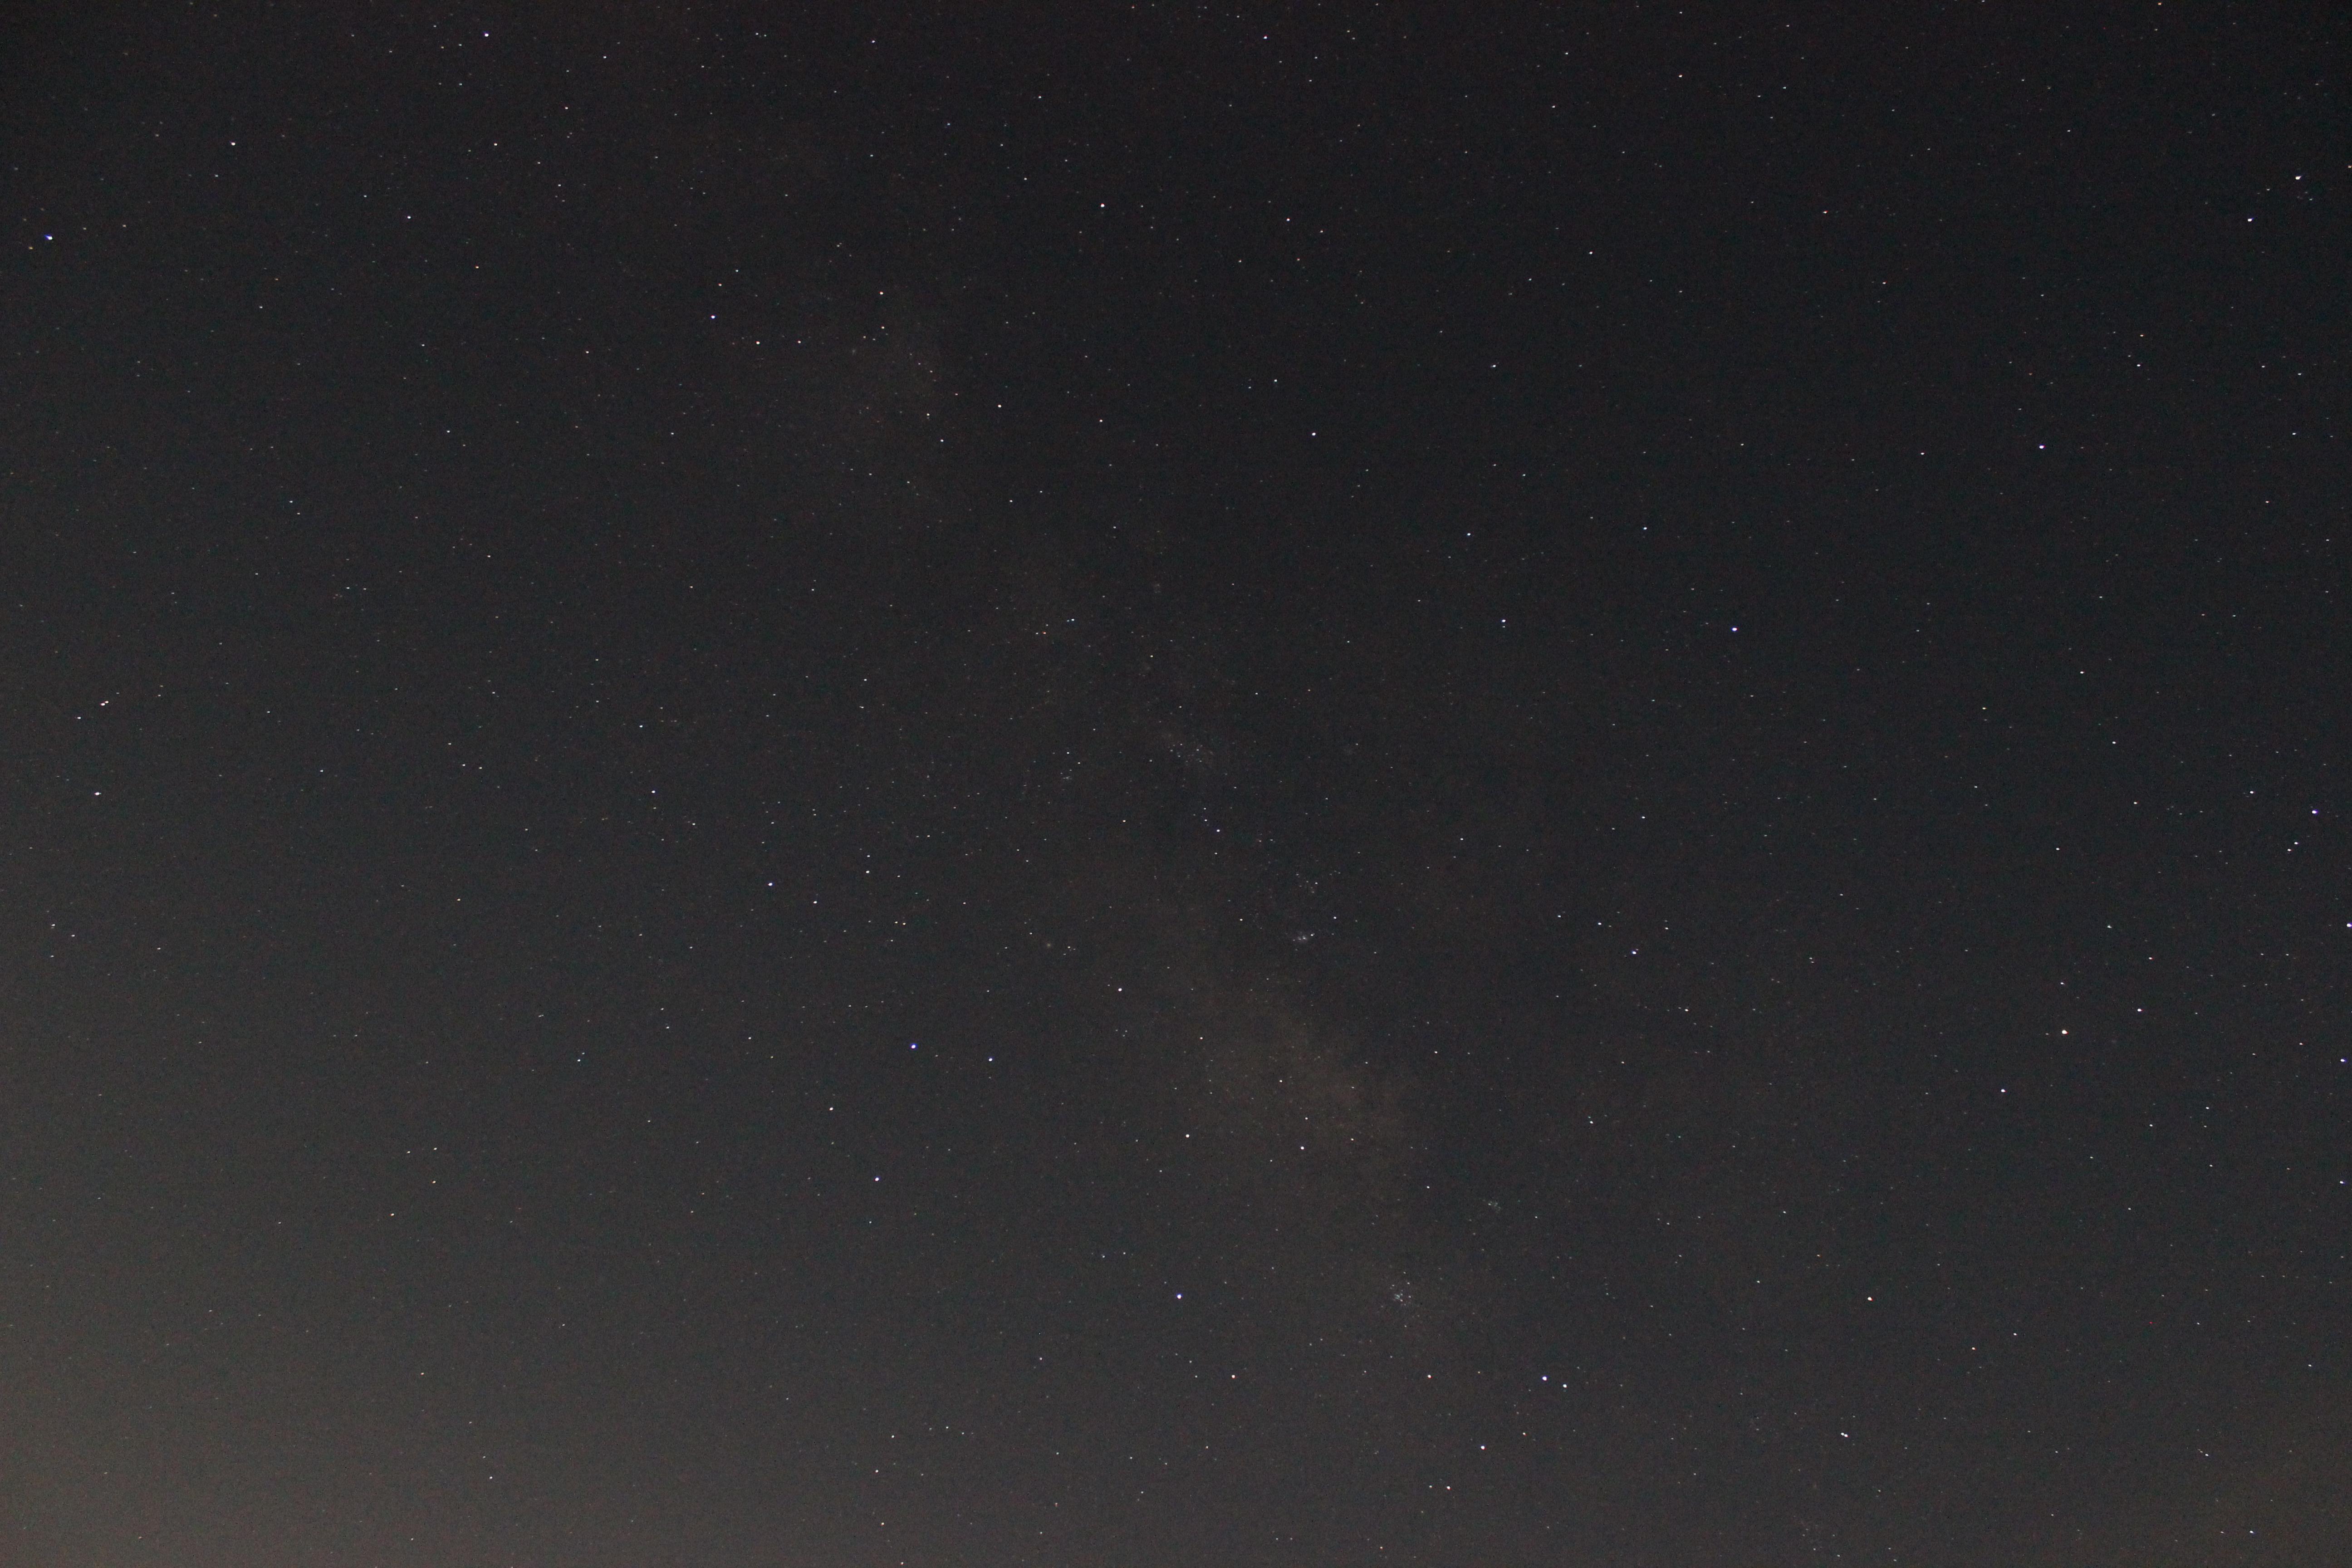 <b>画面には写っていないが、半月よりもやや大きな月が画面左下に出ていたので、画面の空の明るさにムラができてしまった。月が明るさが影響し、天の川がハッキリと写らなかった。</b>